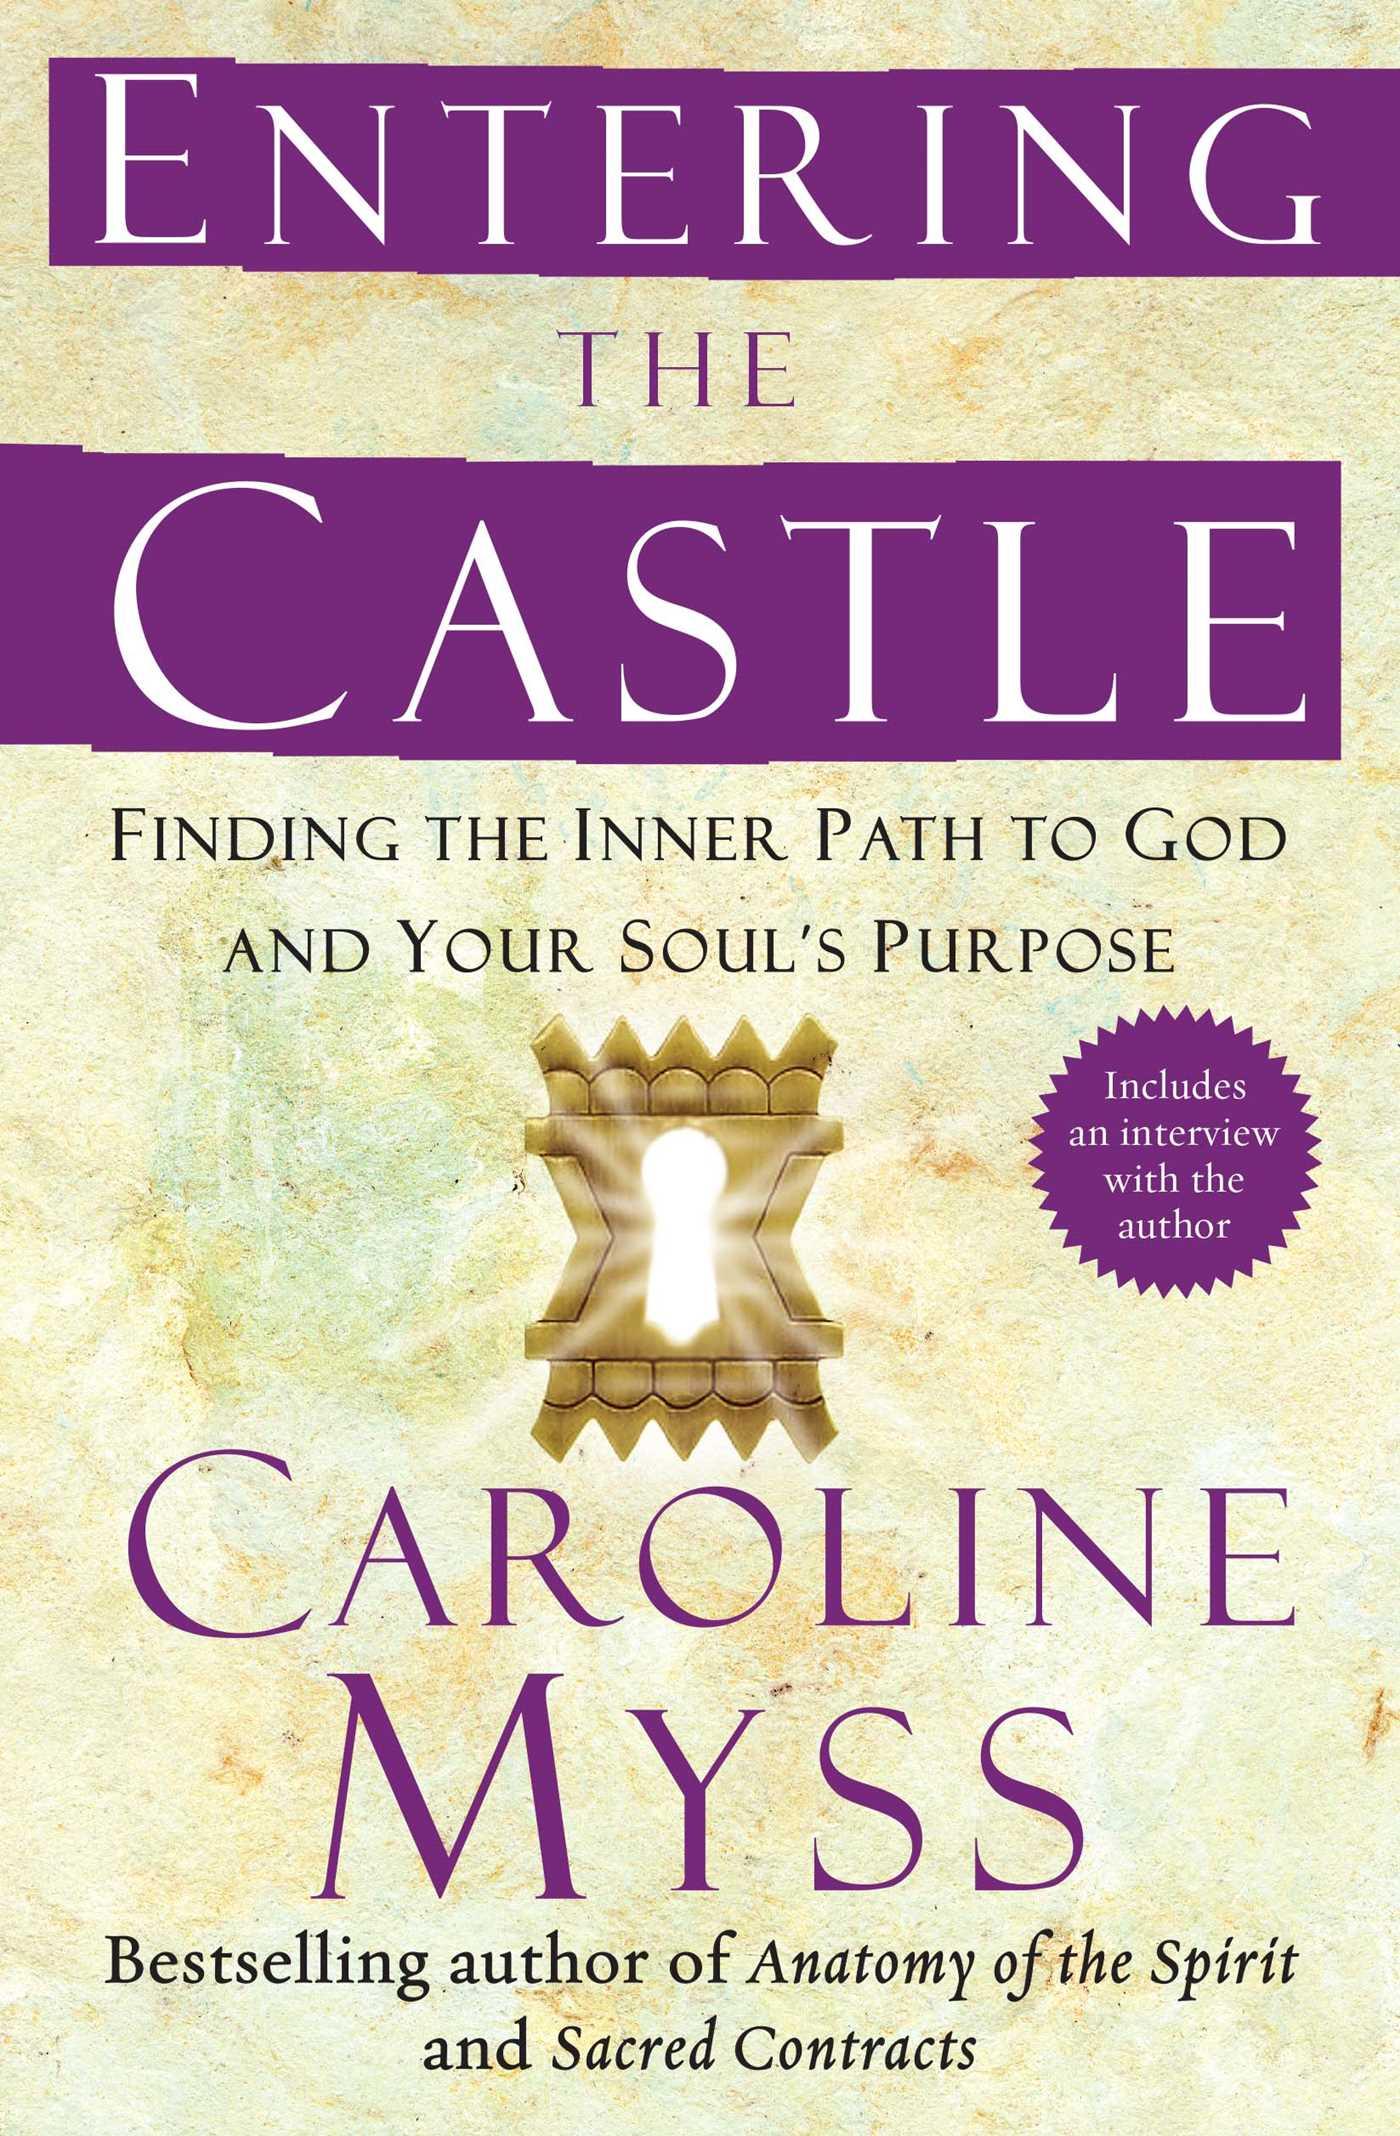 Entering the castle 9781416553861 hr